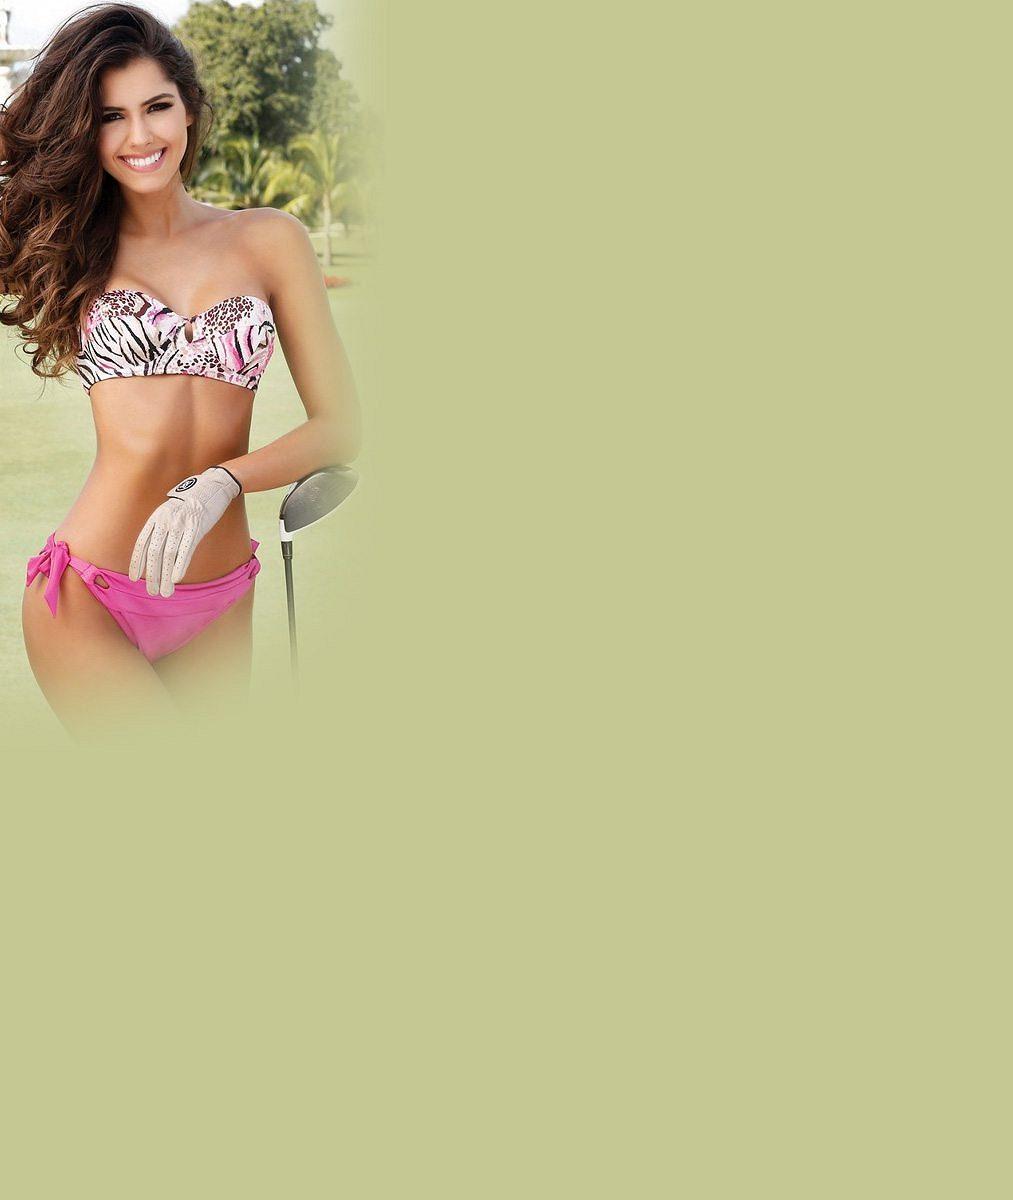 5 nejžhavějších fotek nové Miss Universe: Nejkrásnější žena vesmíru září v bikinách i úsporných šatech bez podprsenky